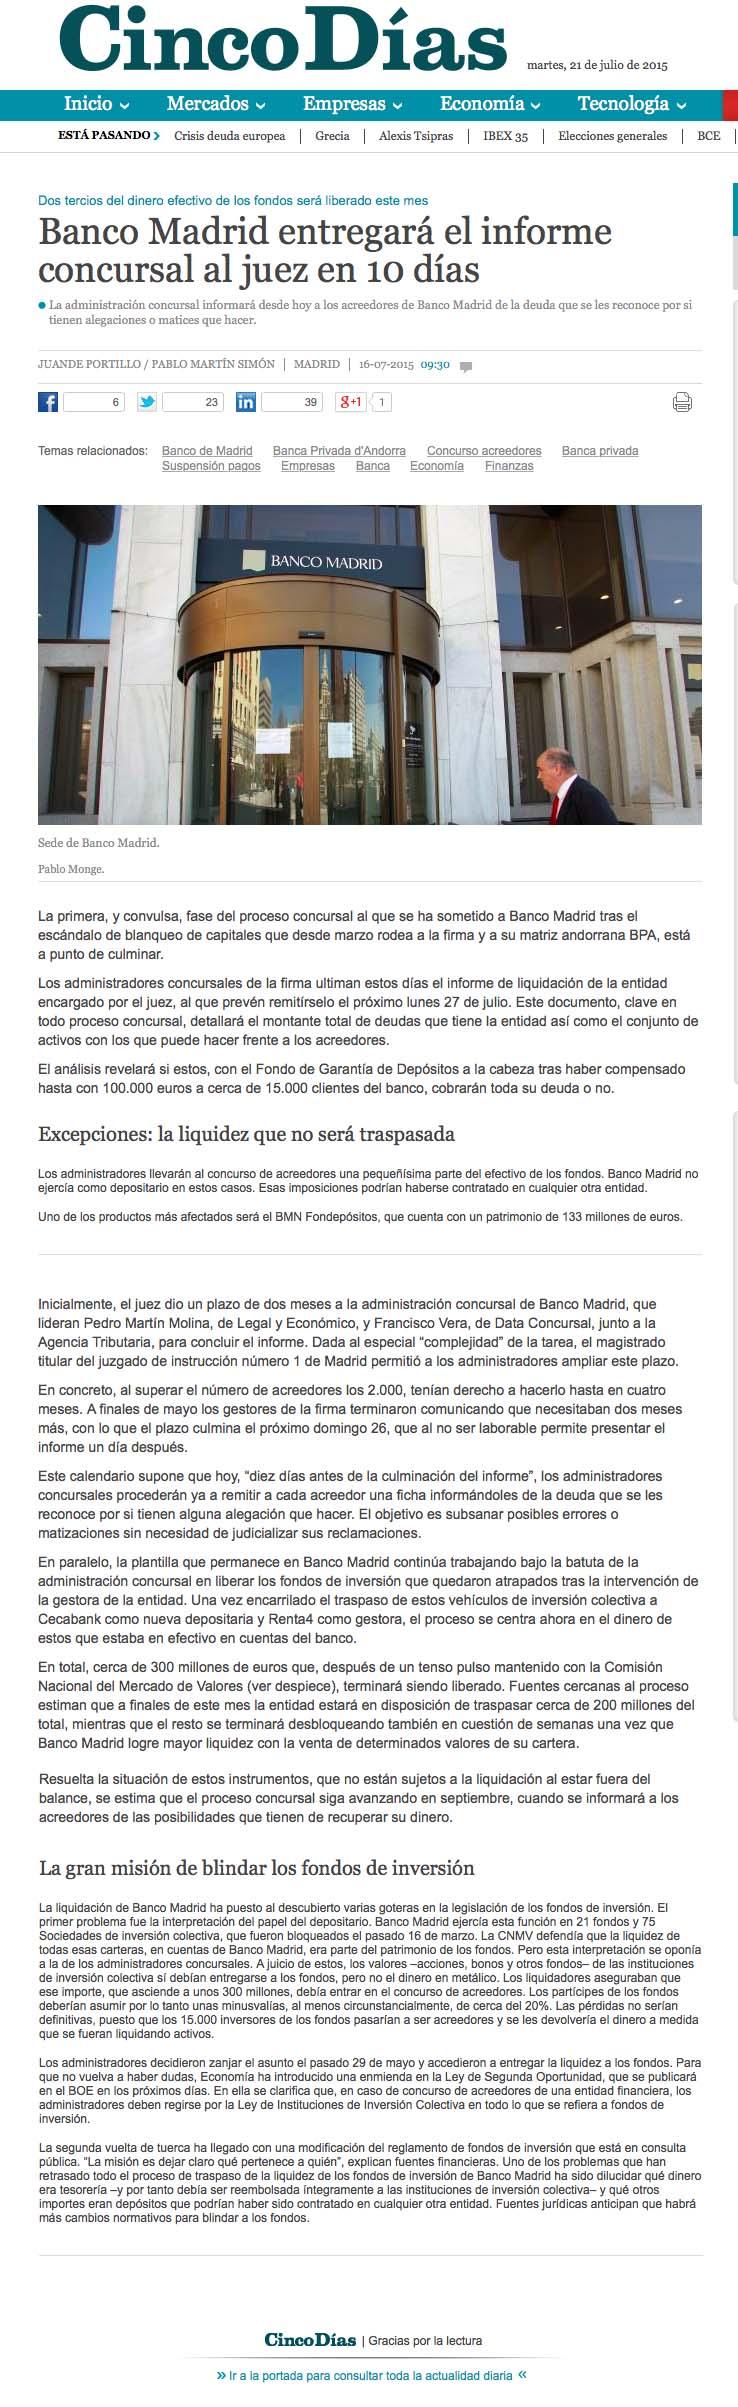 CINCO DIAS BANCO MADRID